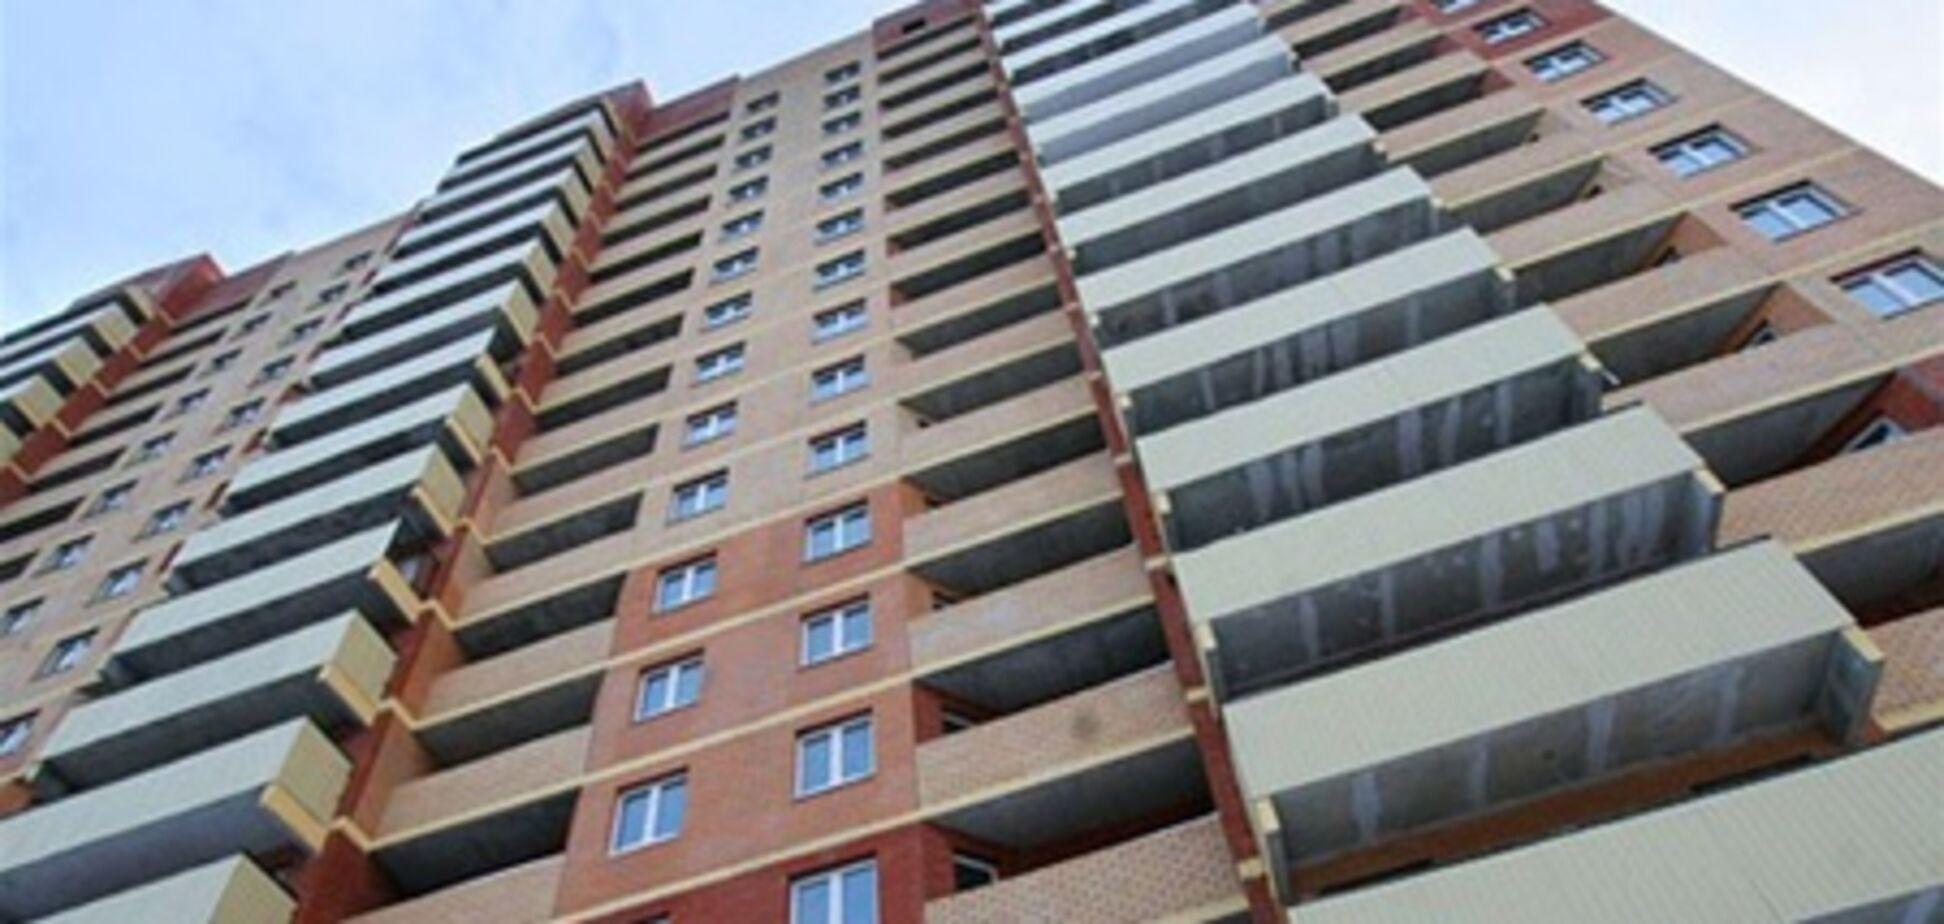 Инвестиции в недвижимость Киева в июне снизились на 10%